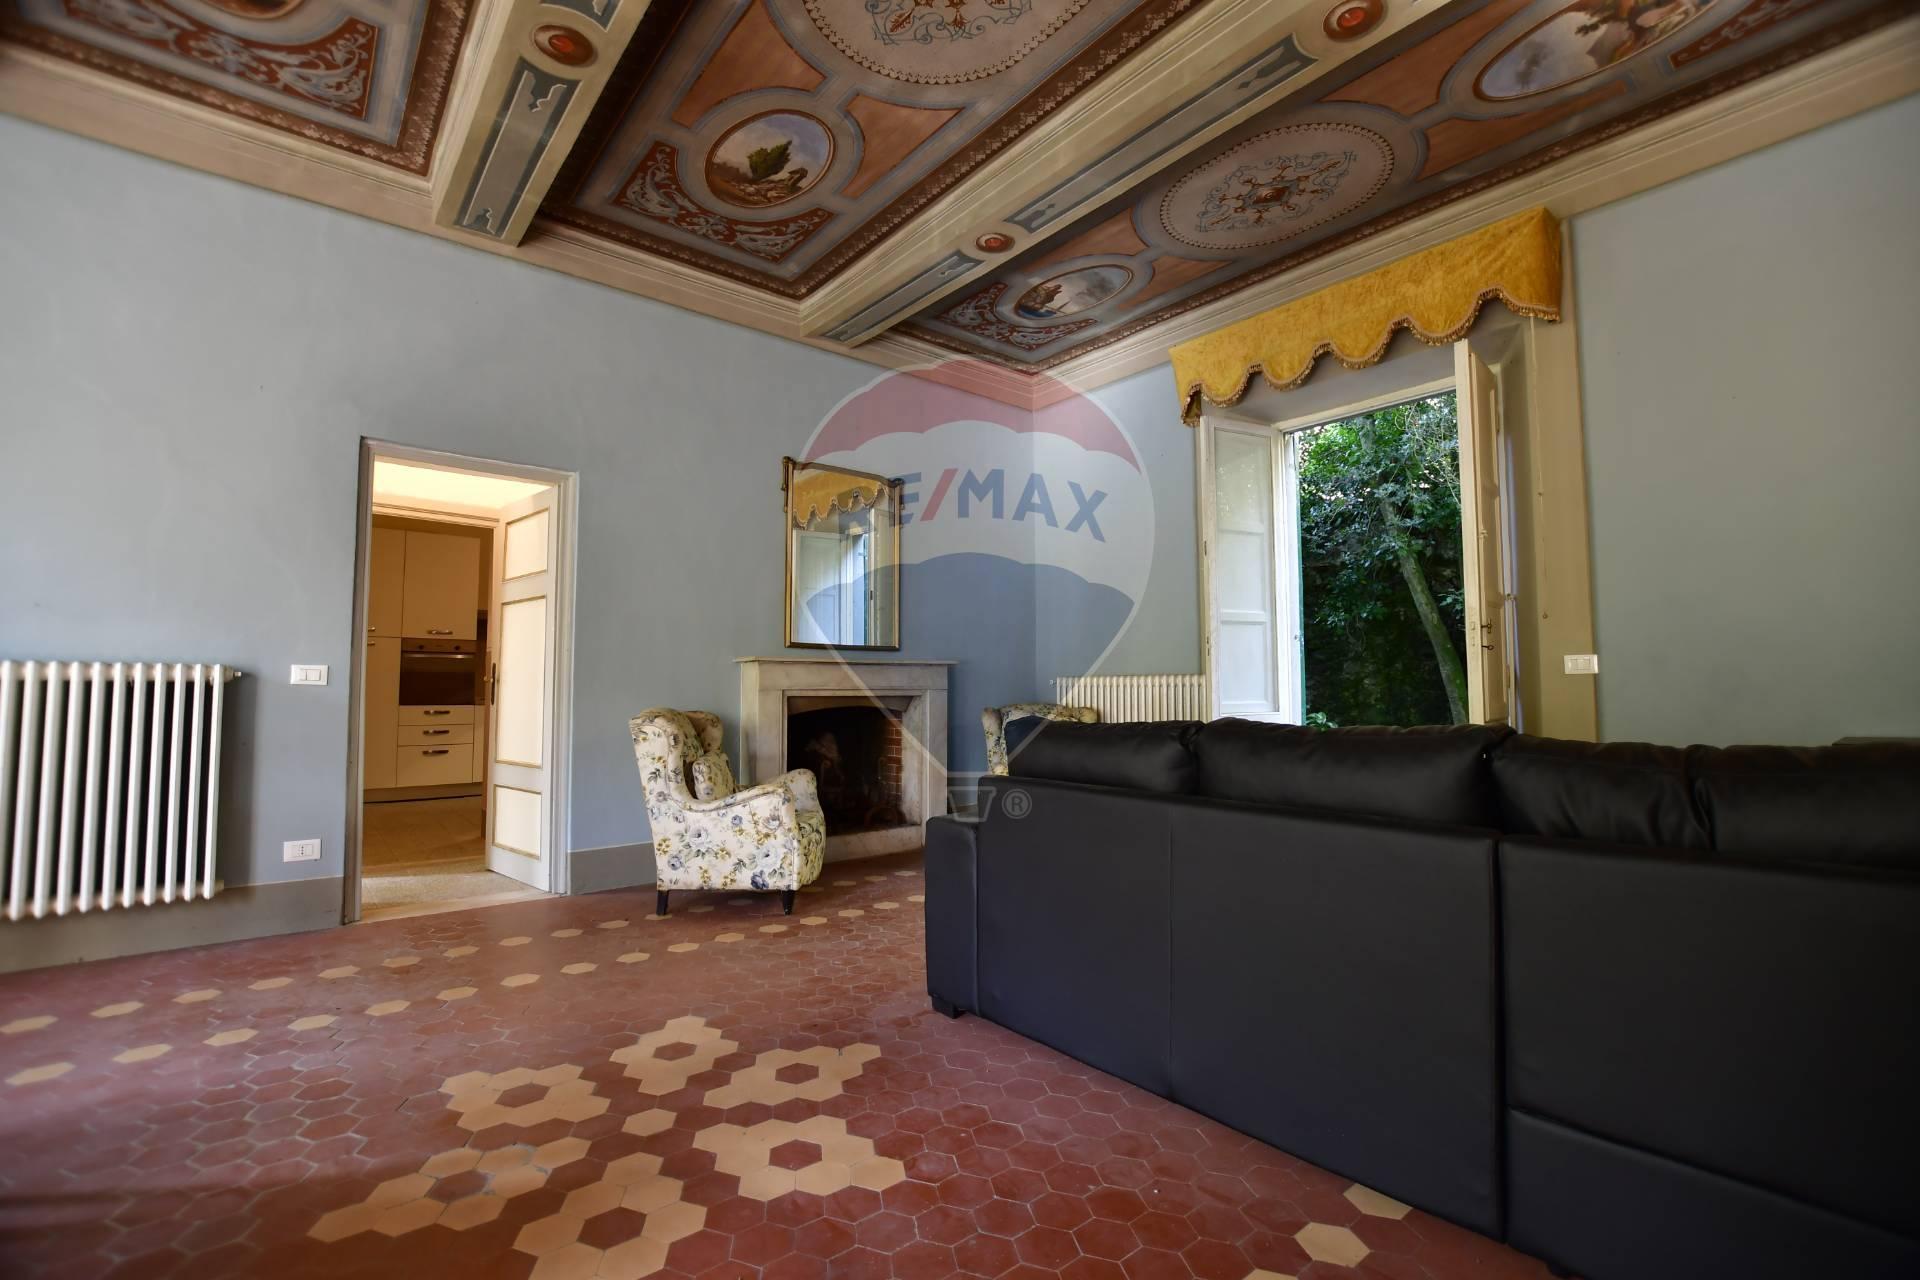 Appartamento in affitto a Bagni di Lucca, 4 locali, zona Località: PonteaSerraglio, prezzo € 450 | CambioCasa.it